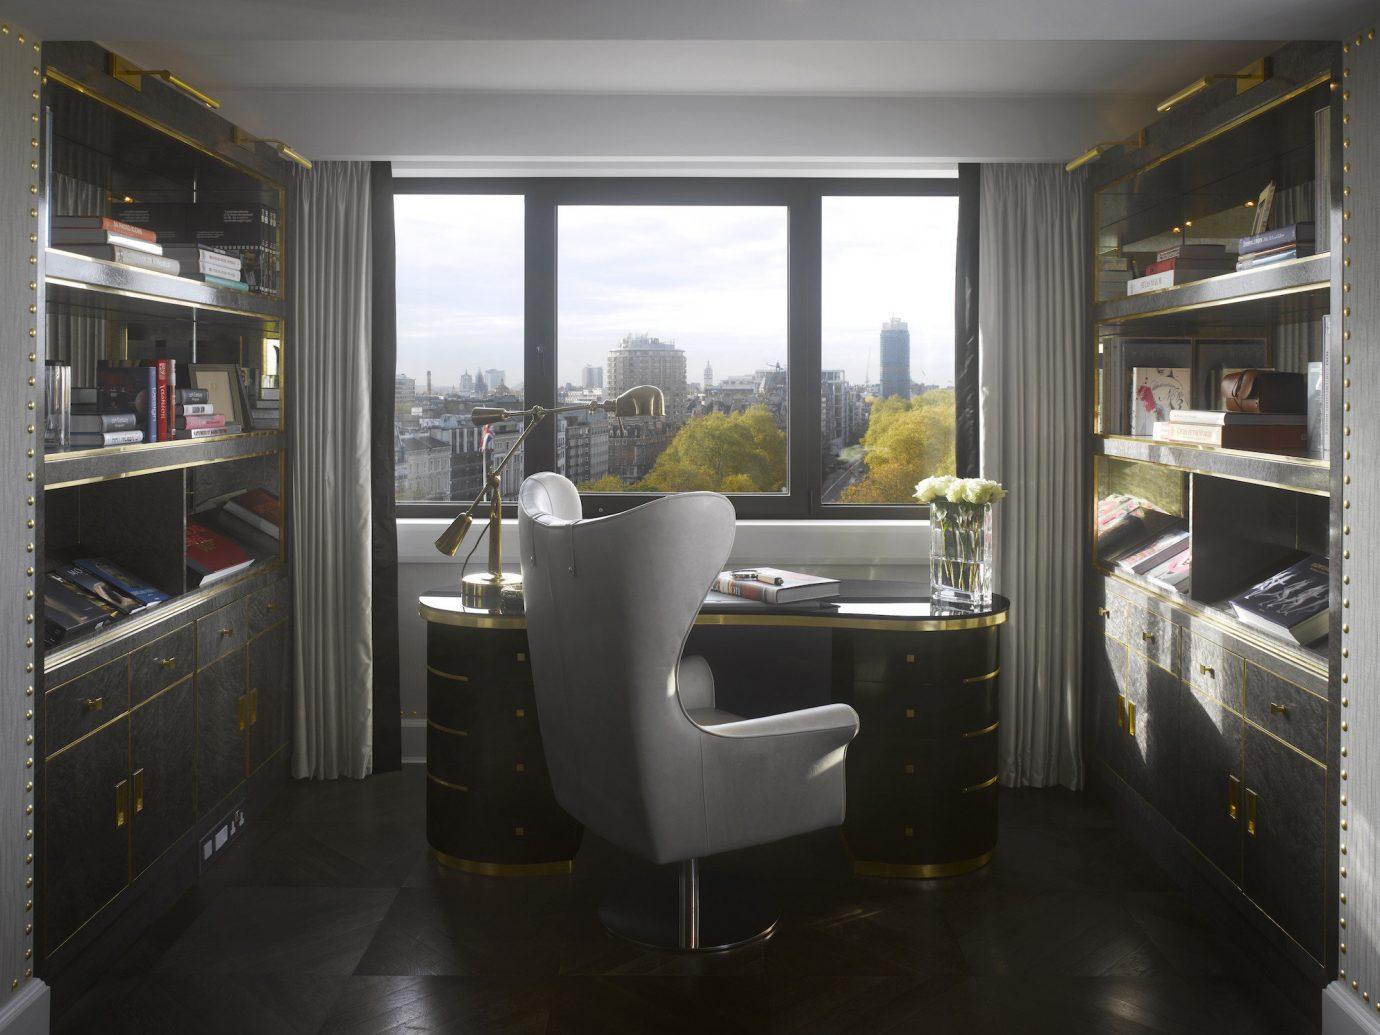 Hotels Luxury Travel indoor floor window furniture interior design